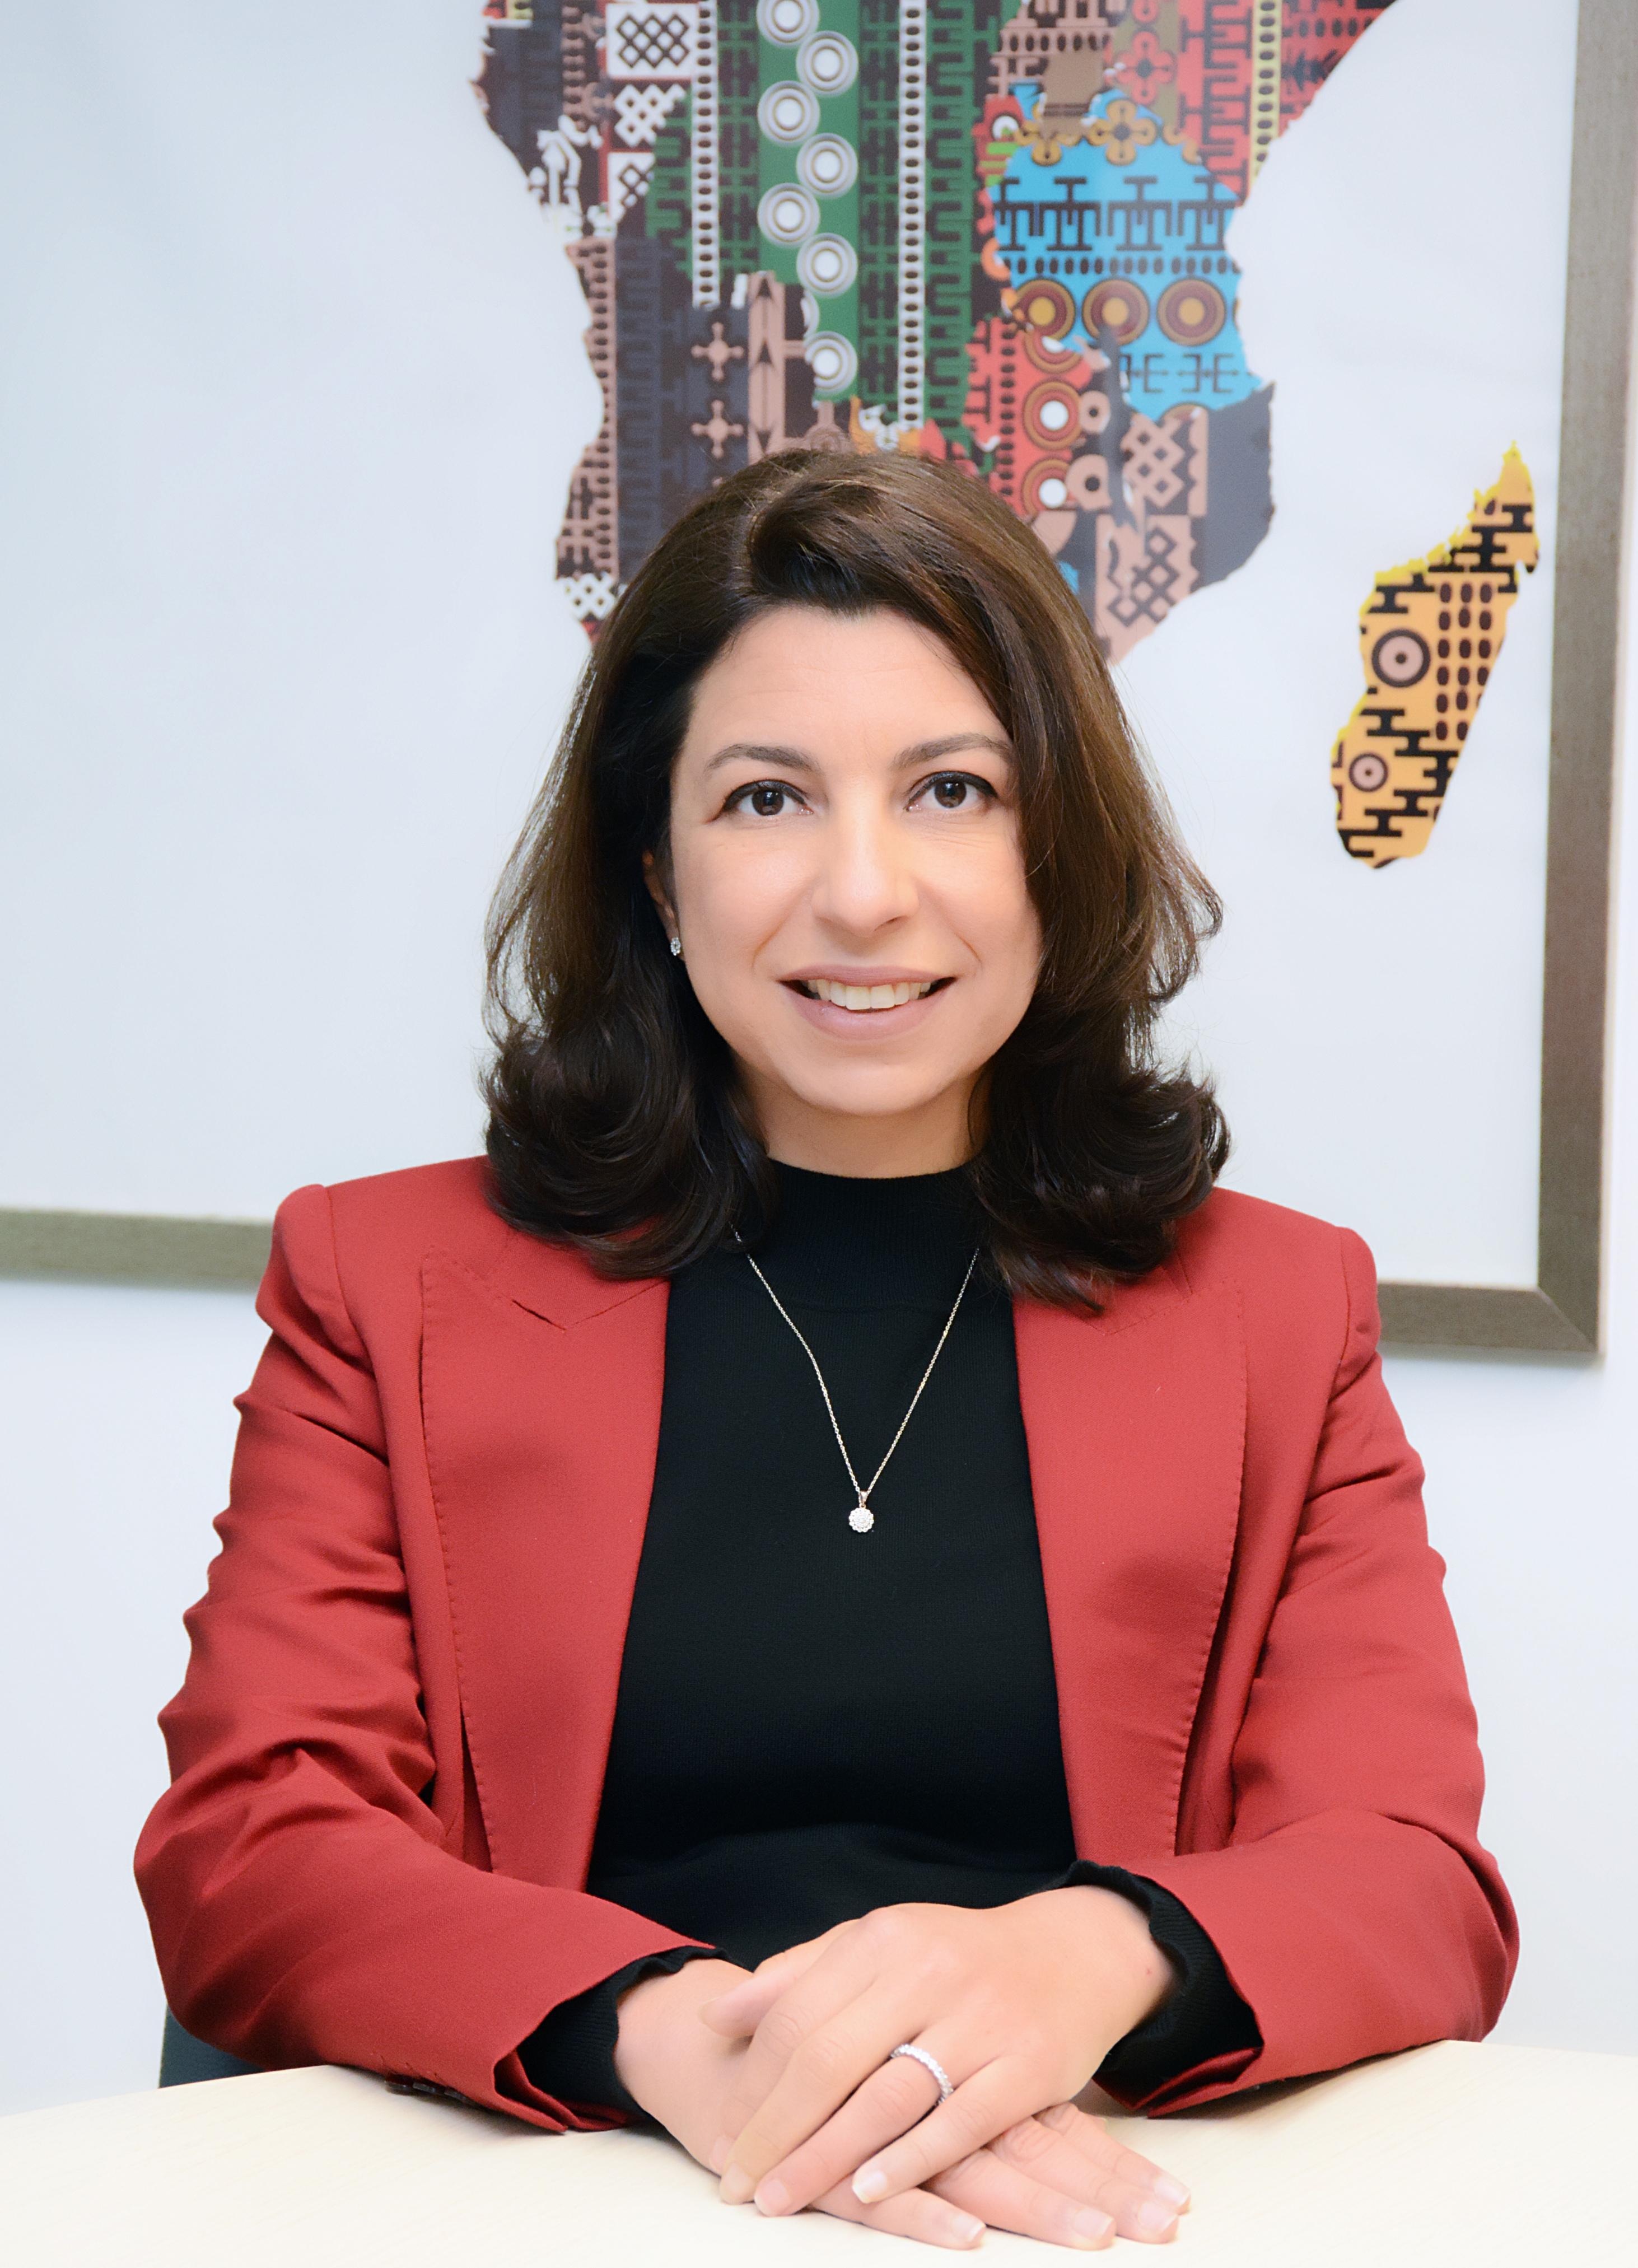 Nora Wahby, Directrice Afrique de l'Ouest & Maroc d'Ericsson